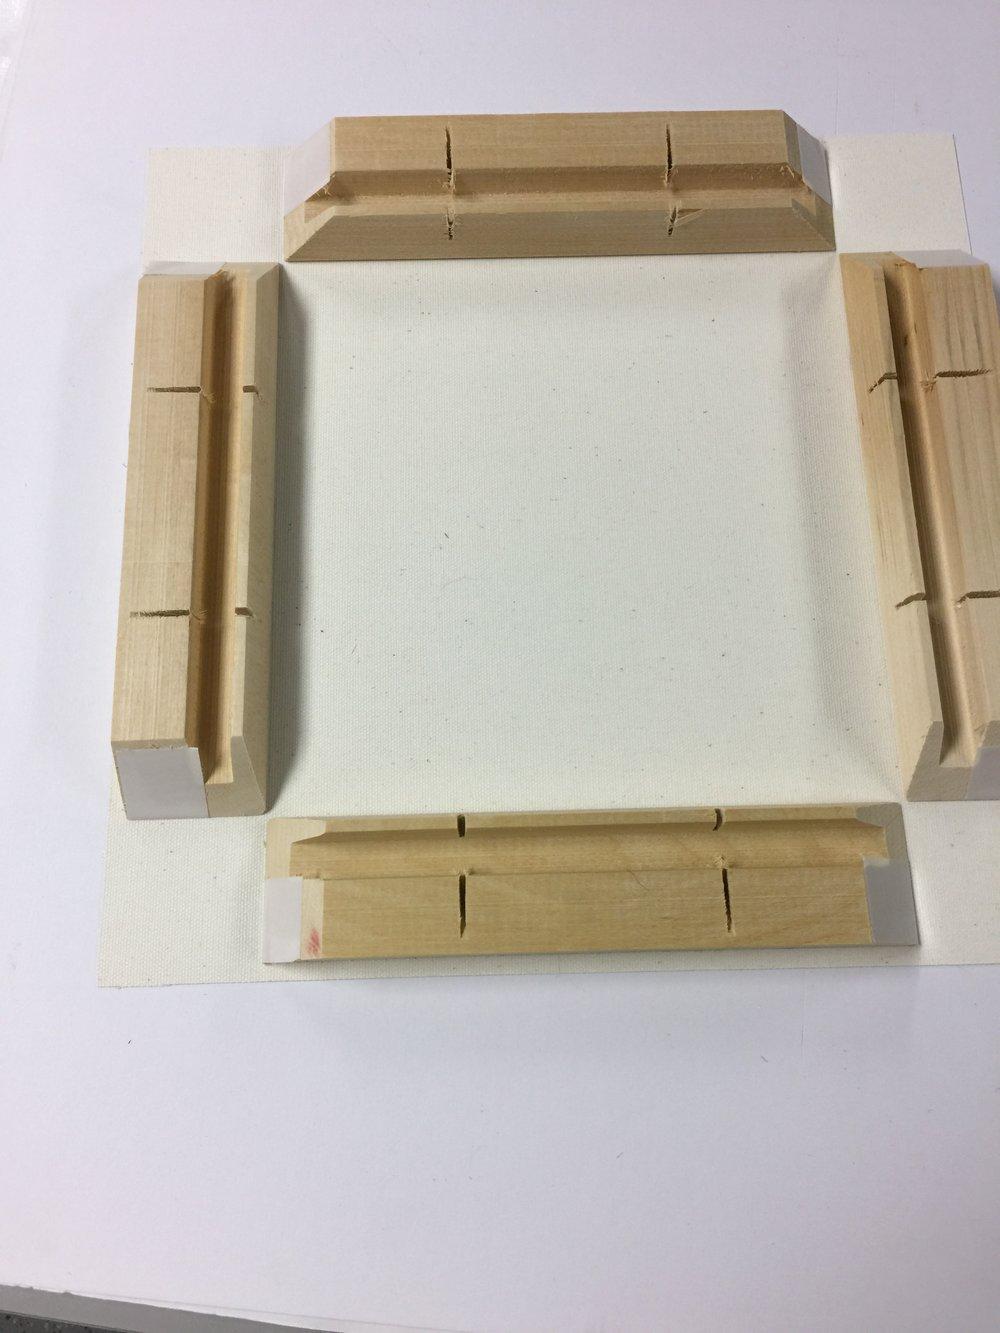 Remove corner guides